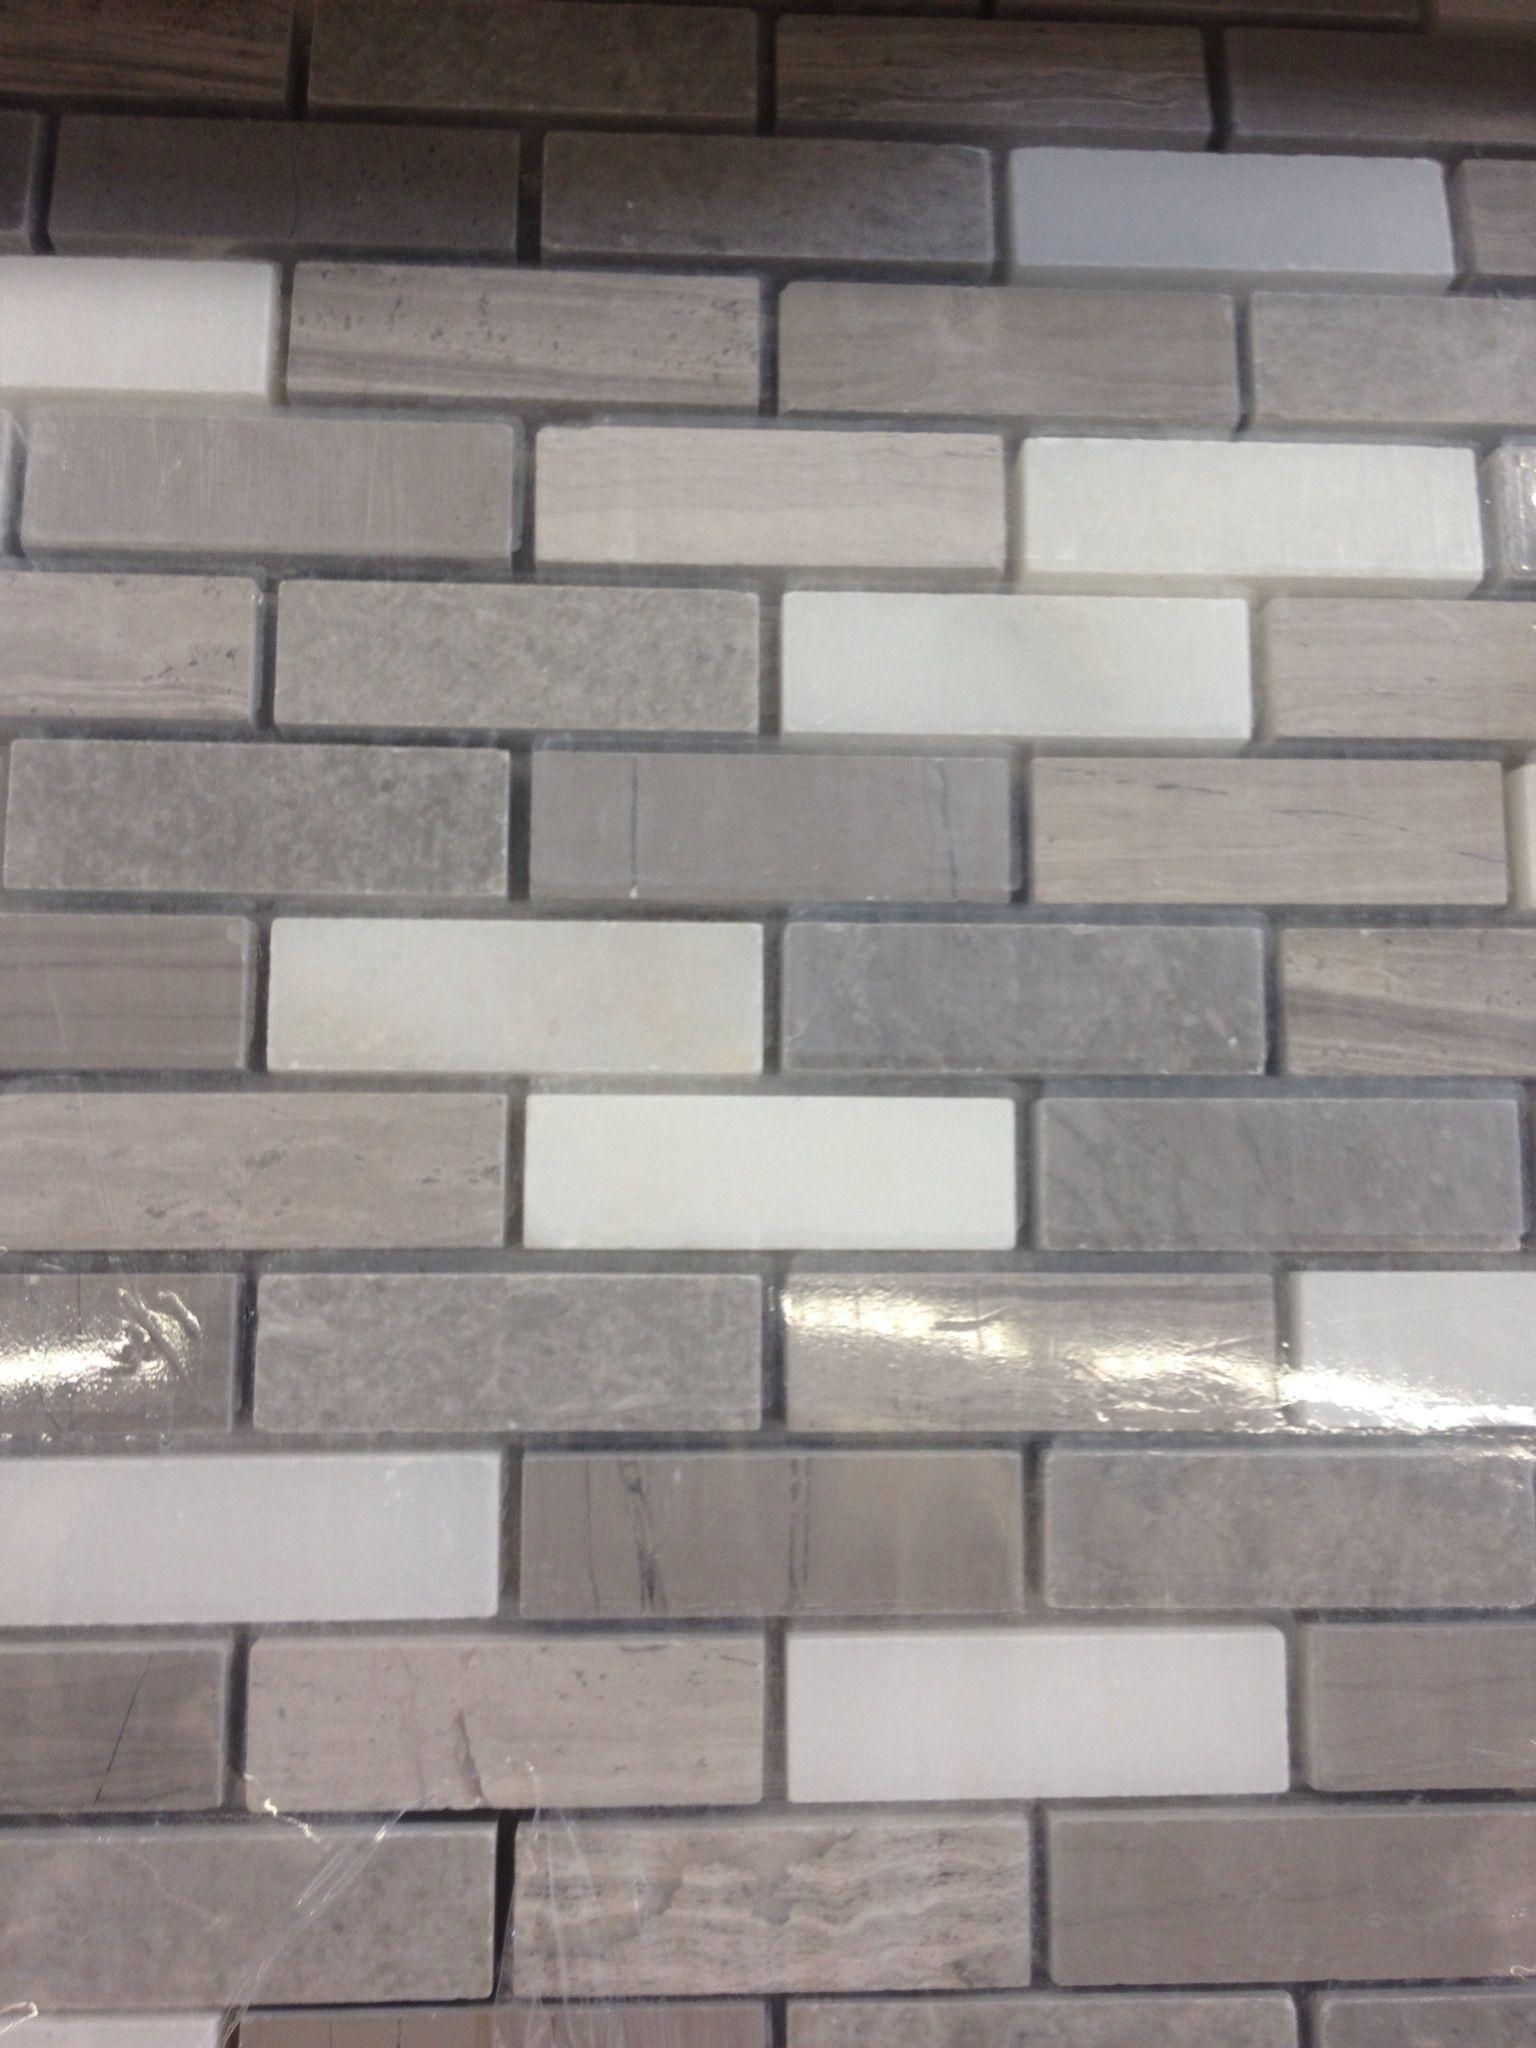 Backsplash Home Depot Arctic Storm Home Depot Backsplash Tile